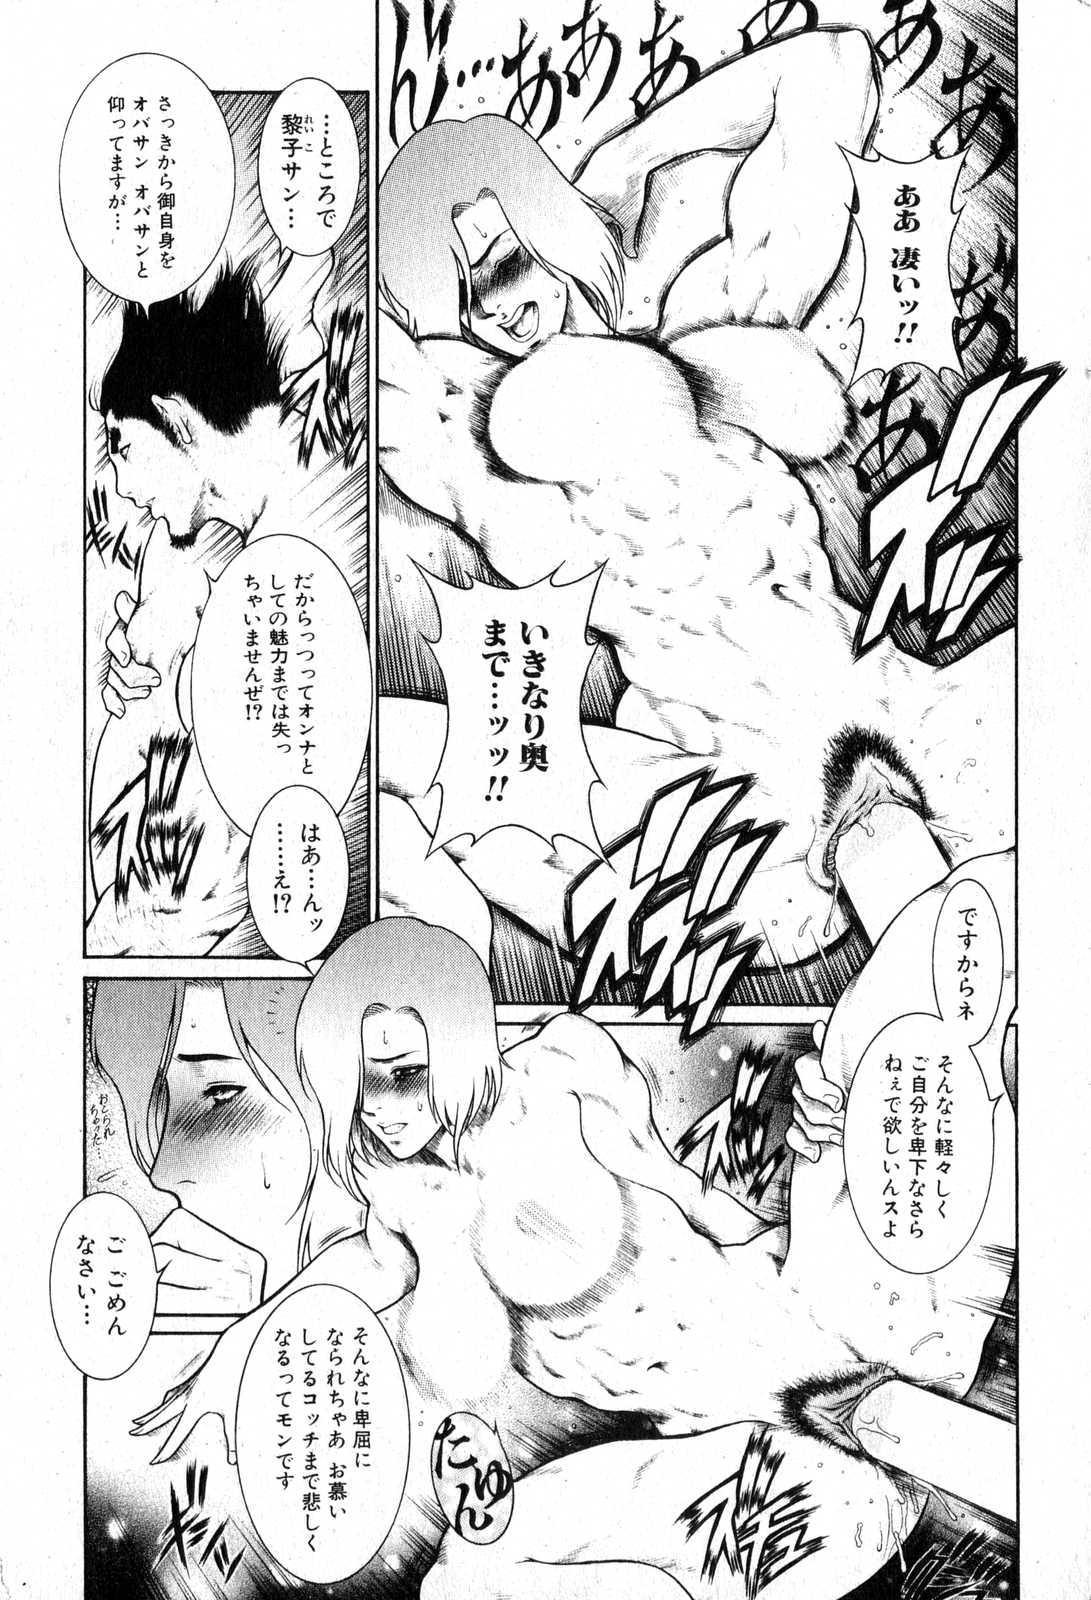 Bishoujo Teki Kaikatsu Ryoku 2007 Vol.15 180